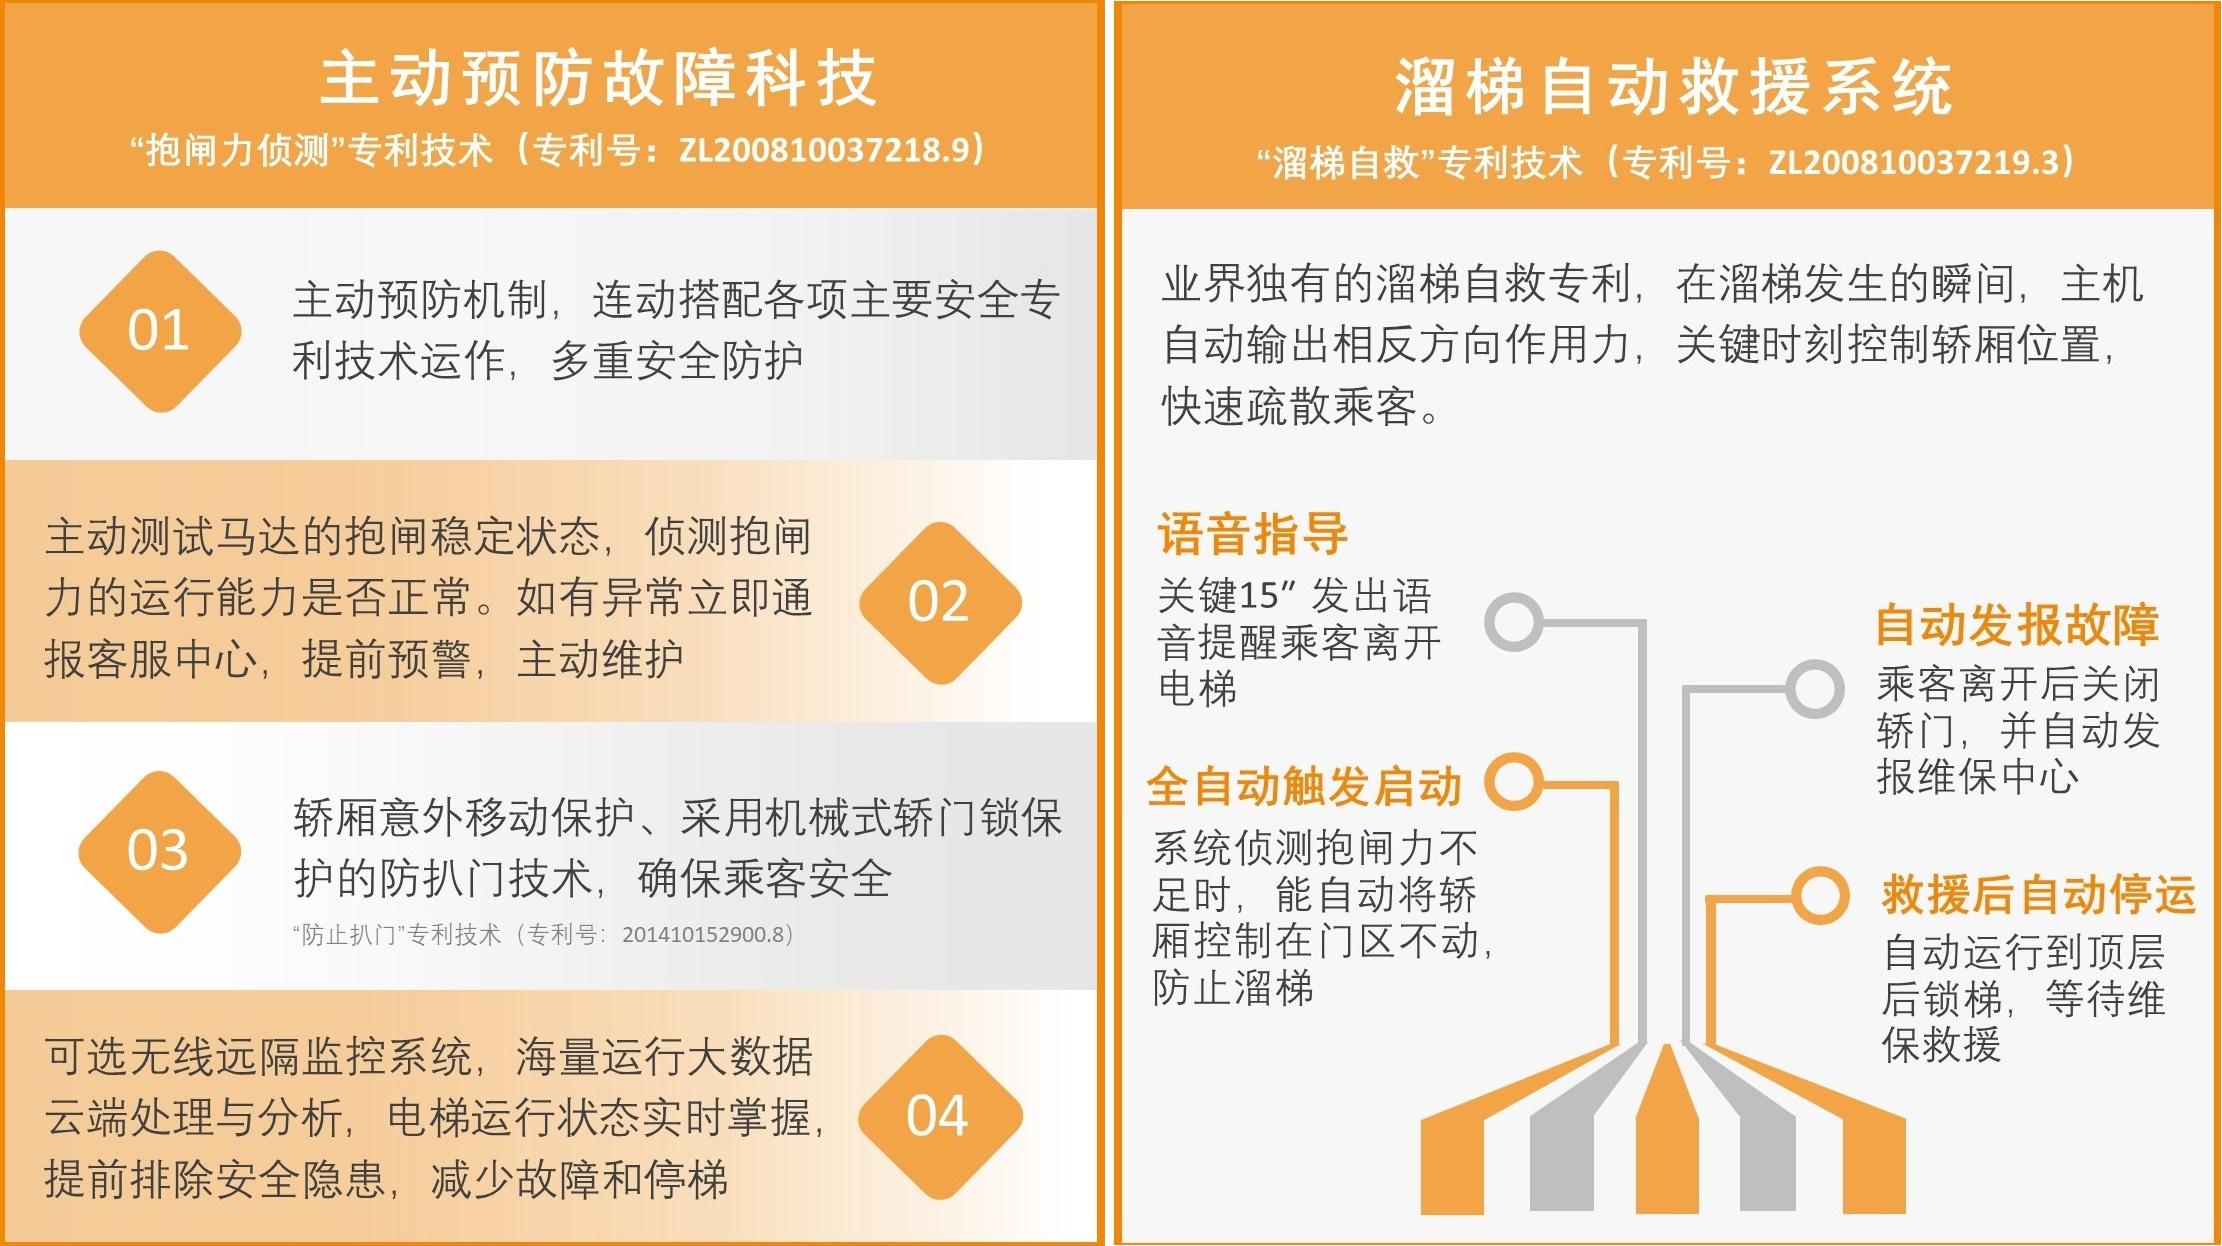 永大电梯智慧乘梯解决方案,激活北京大兴区城市更新原力